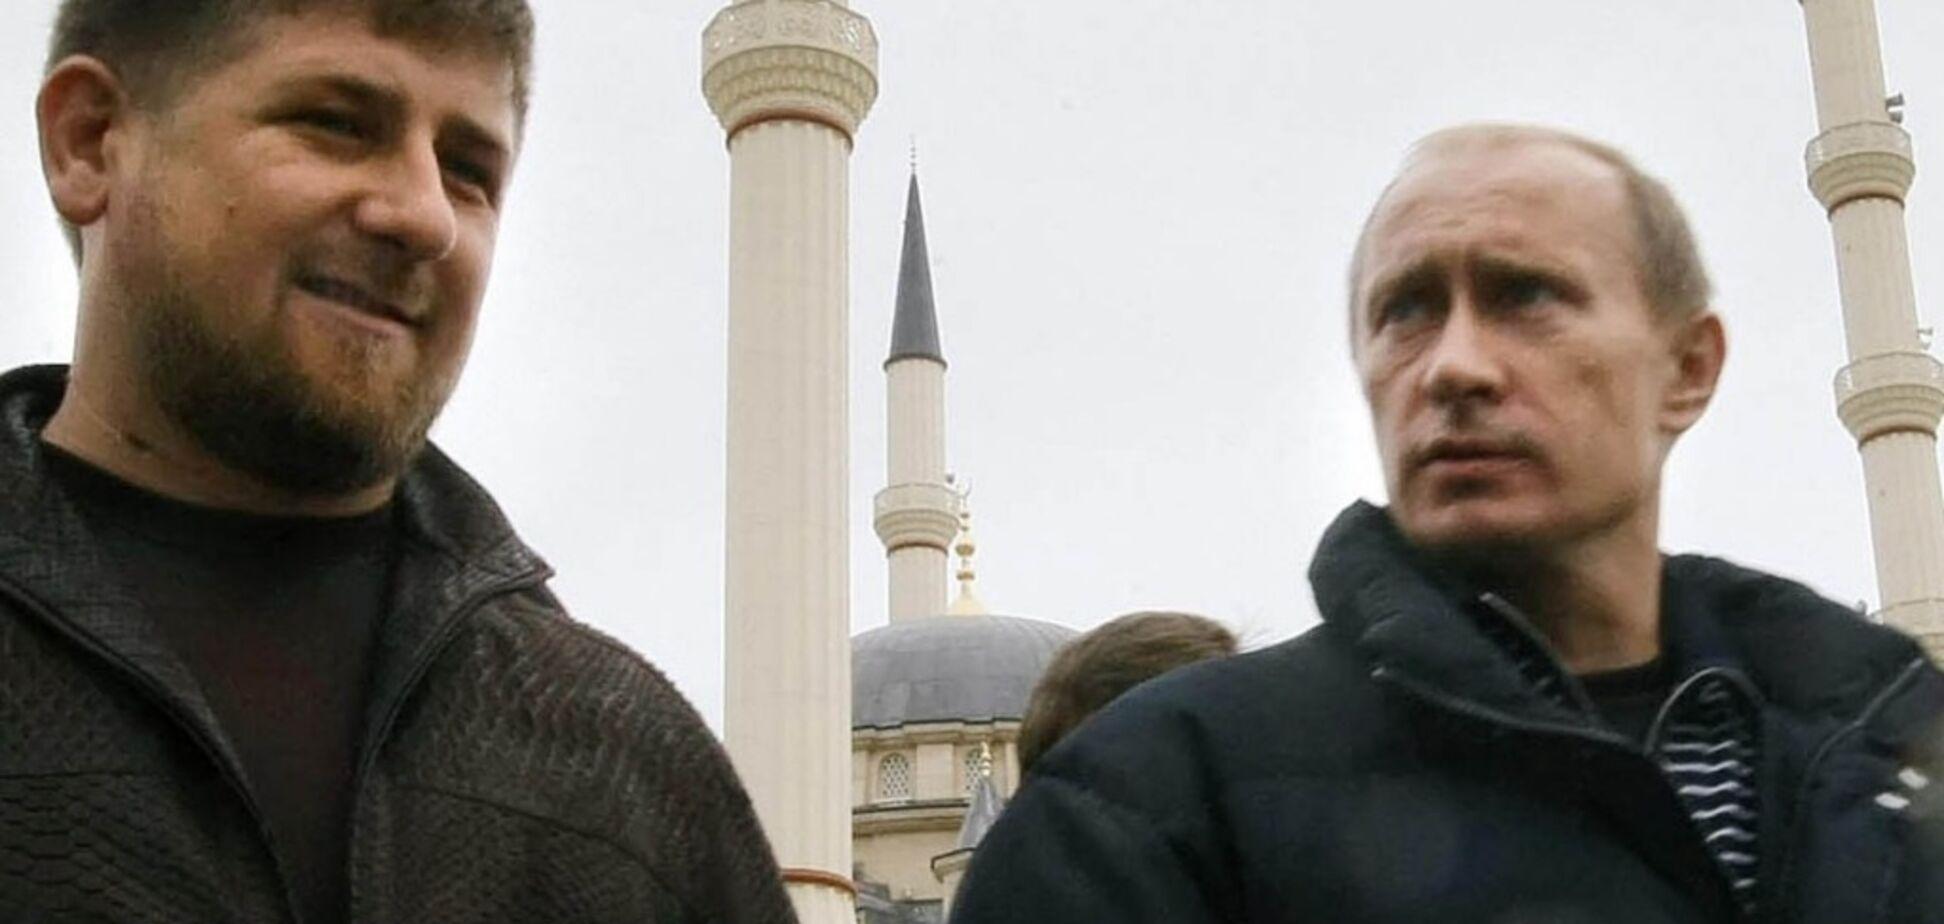 Интересная ситуация: в Украине оценили скандал вокруг Кадырова и Путина